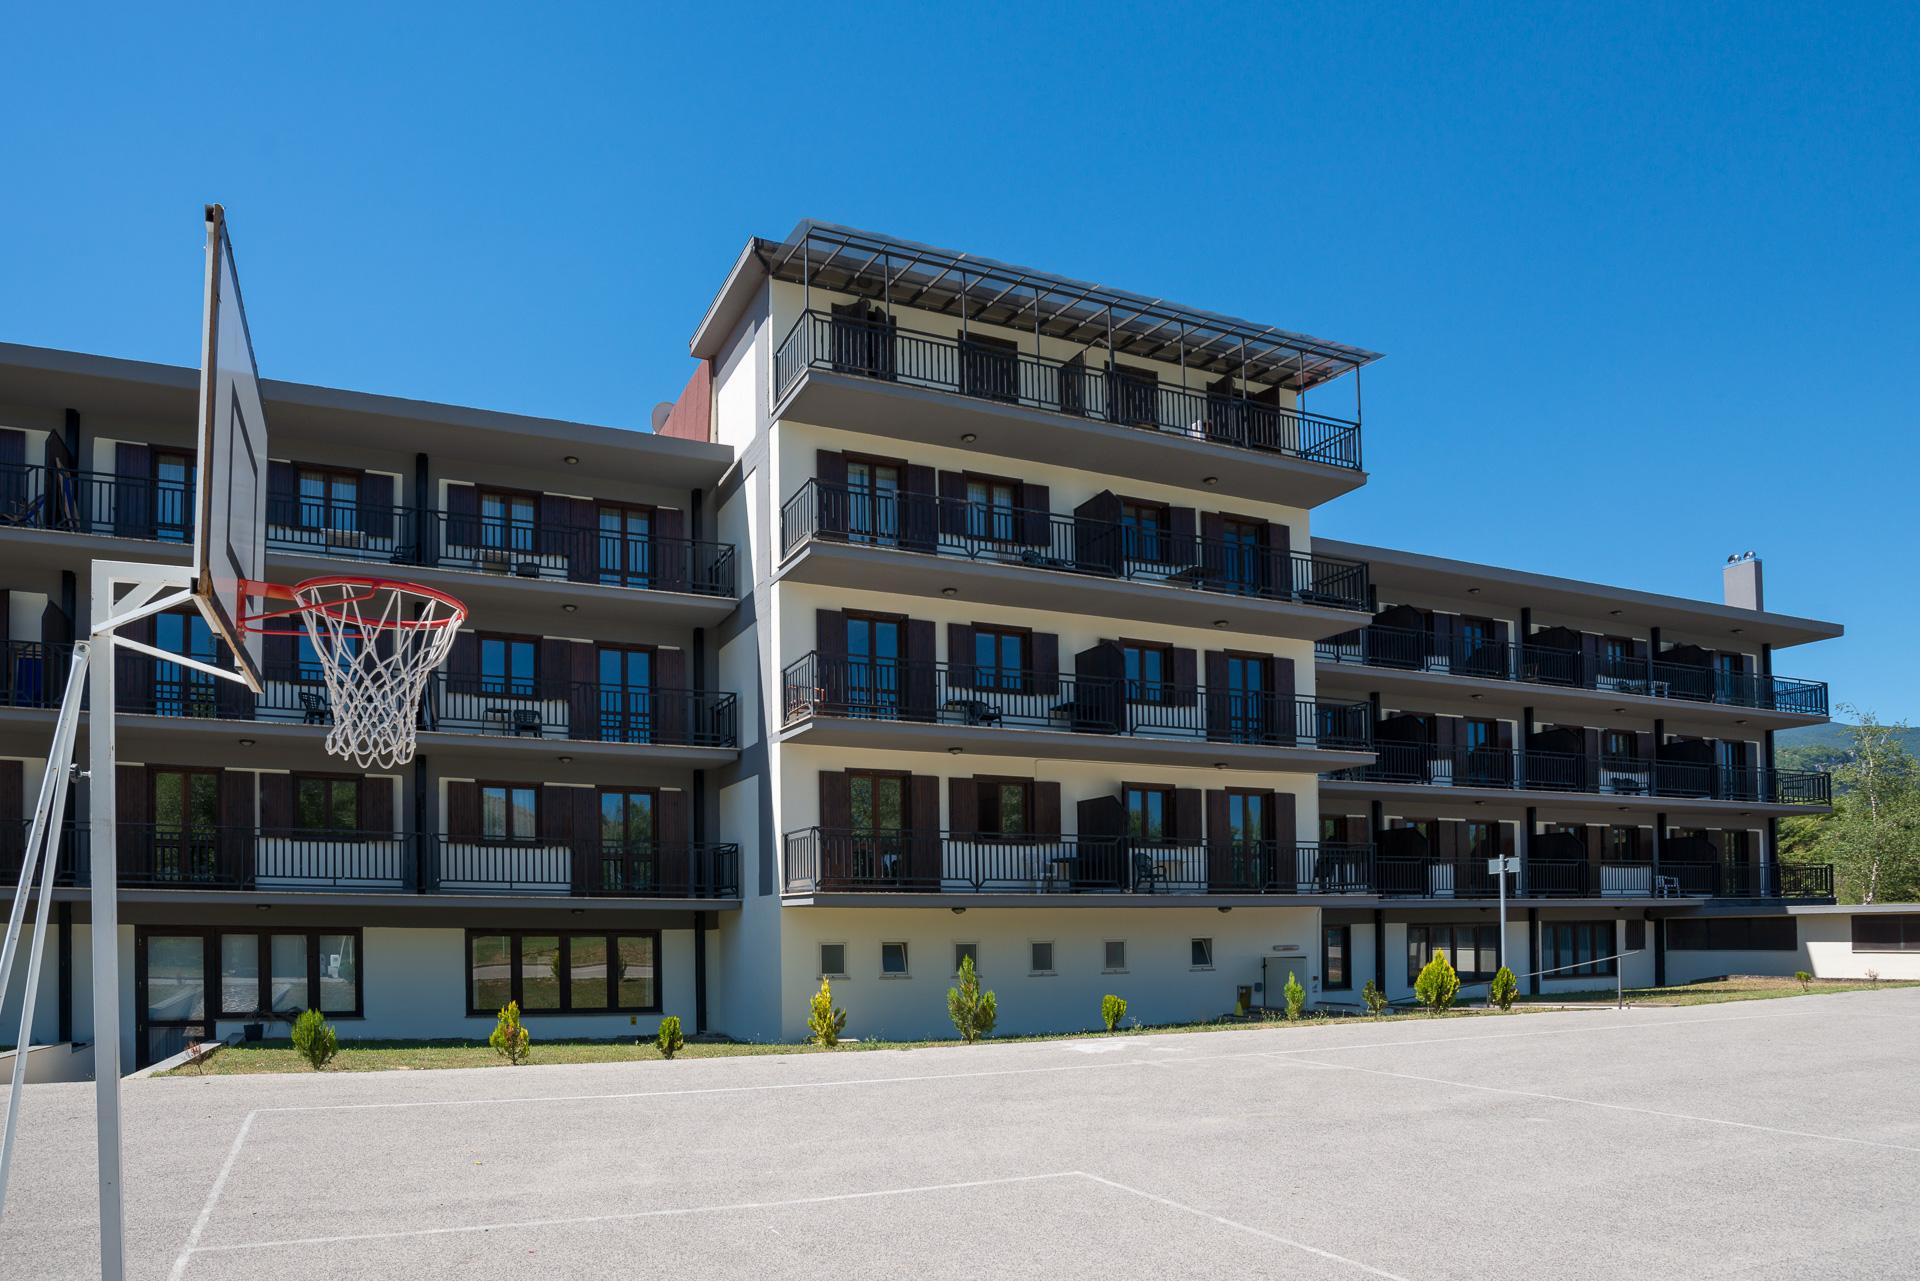 Hotel per gruppi sportivi in Abruzzo Rif 022